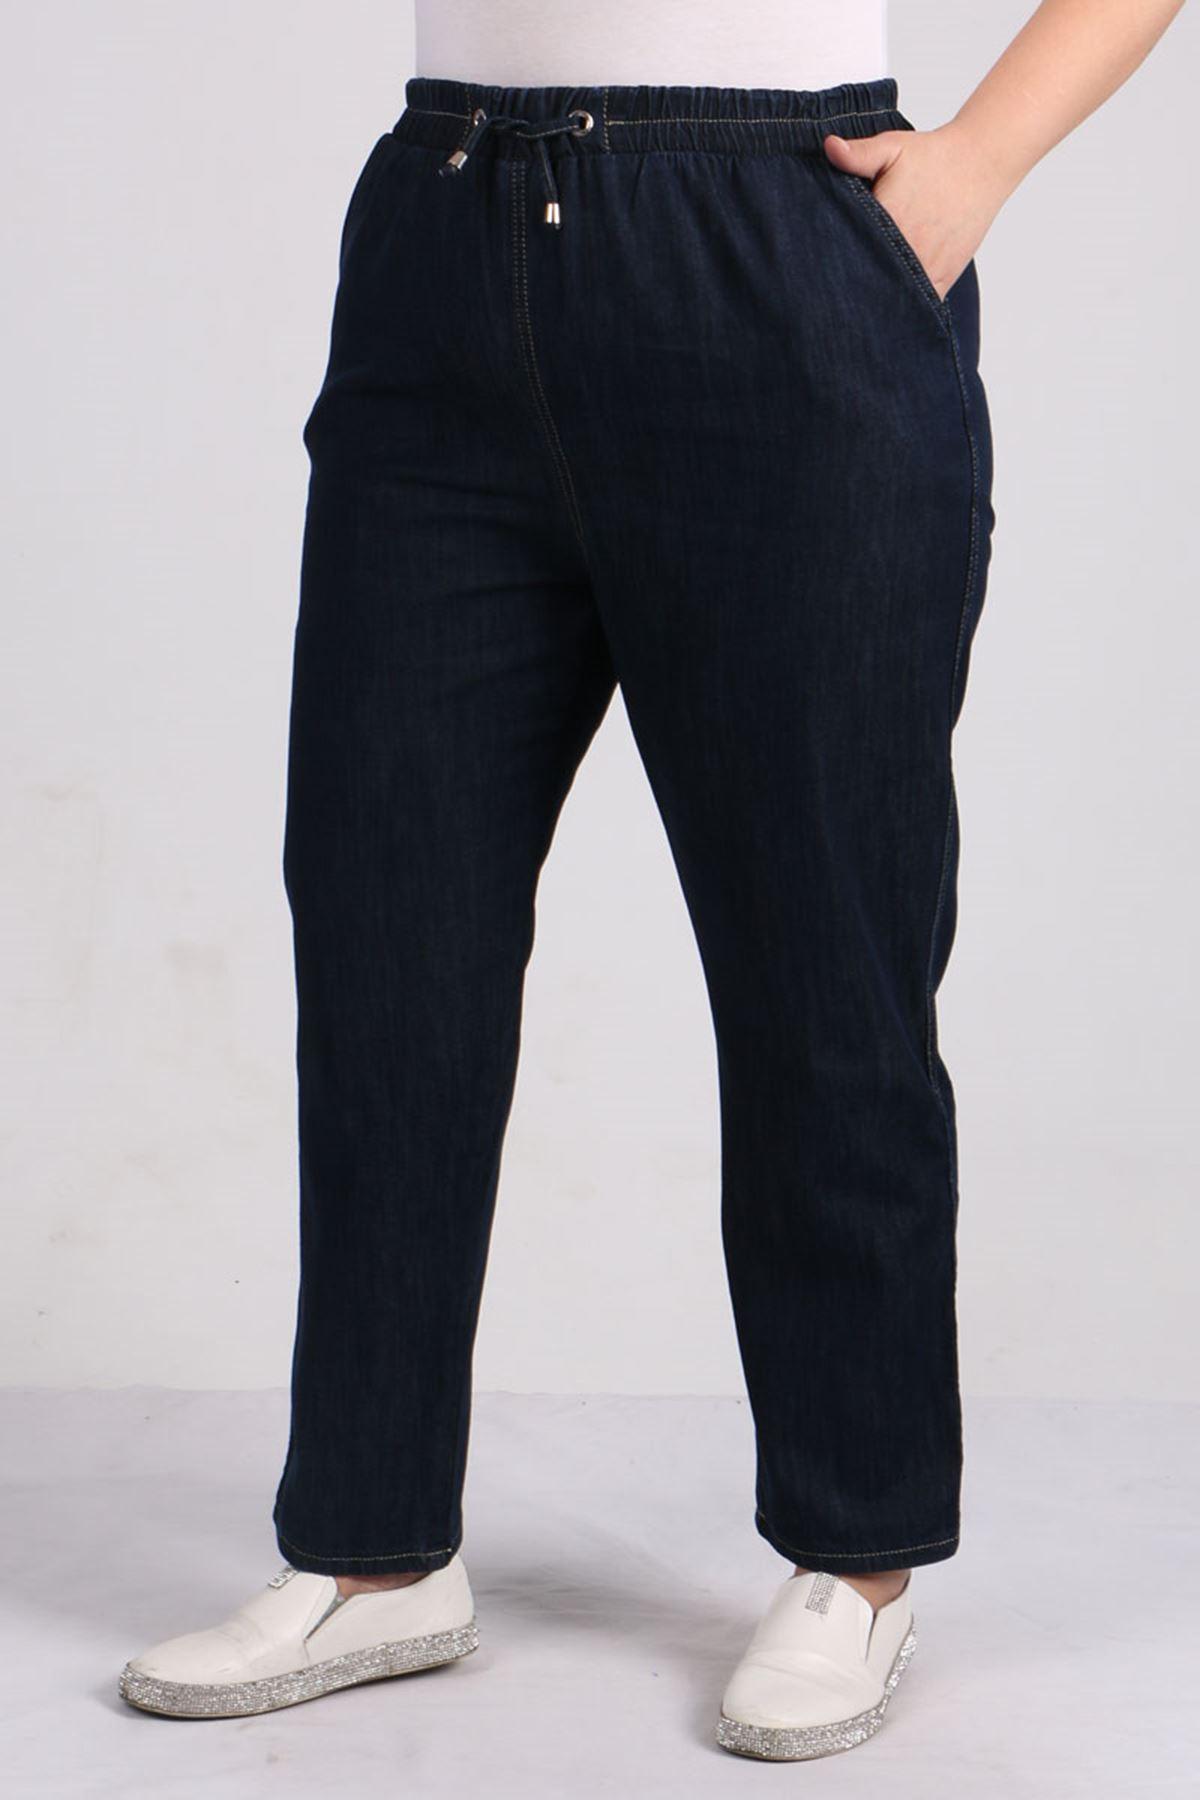 9123 بنطلون جينز ضيق الساق و مقاس كبير- أزرق